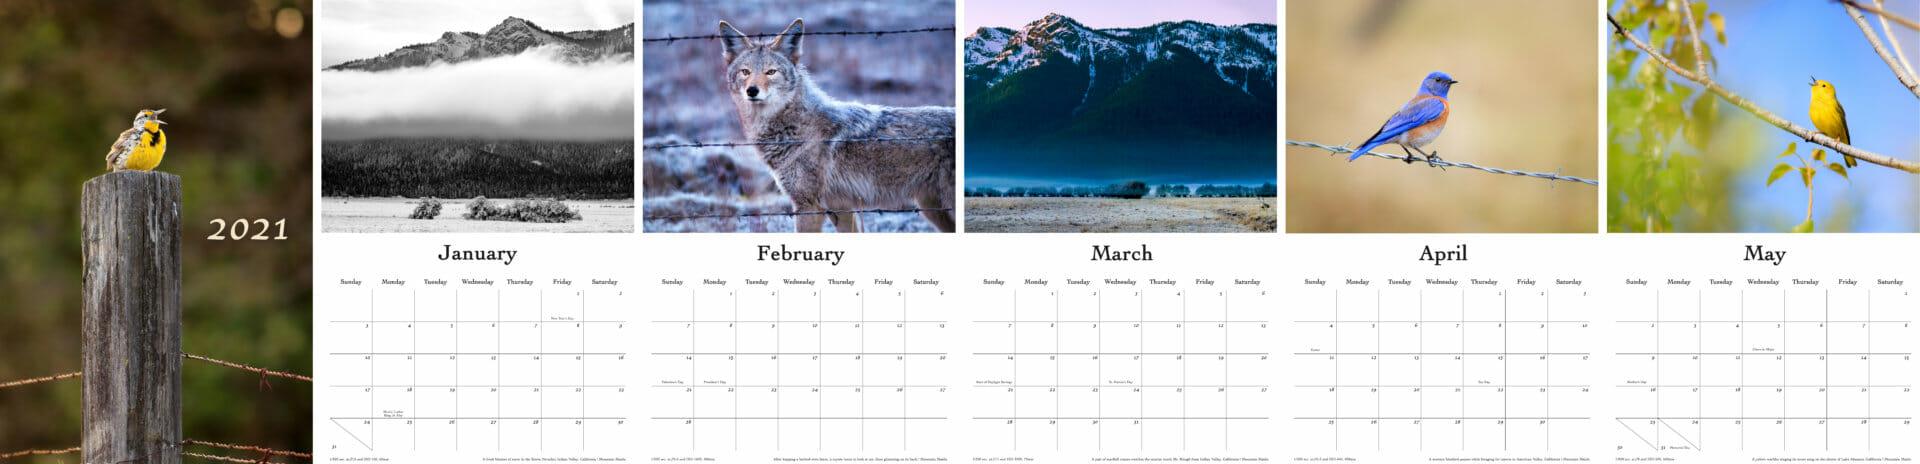 calendar conservation months 2021